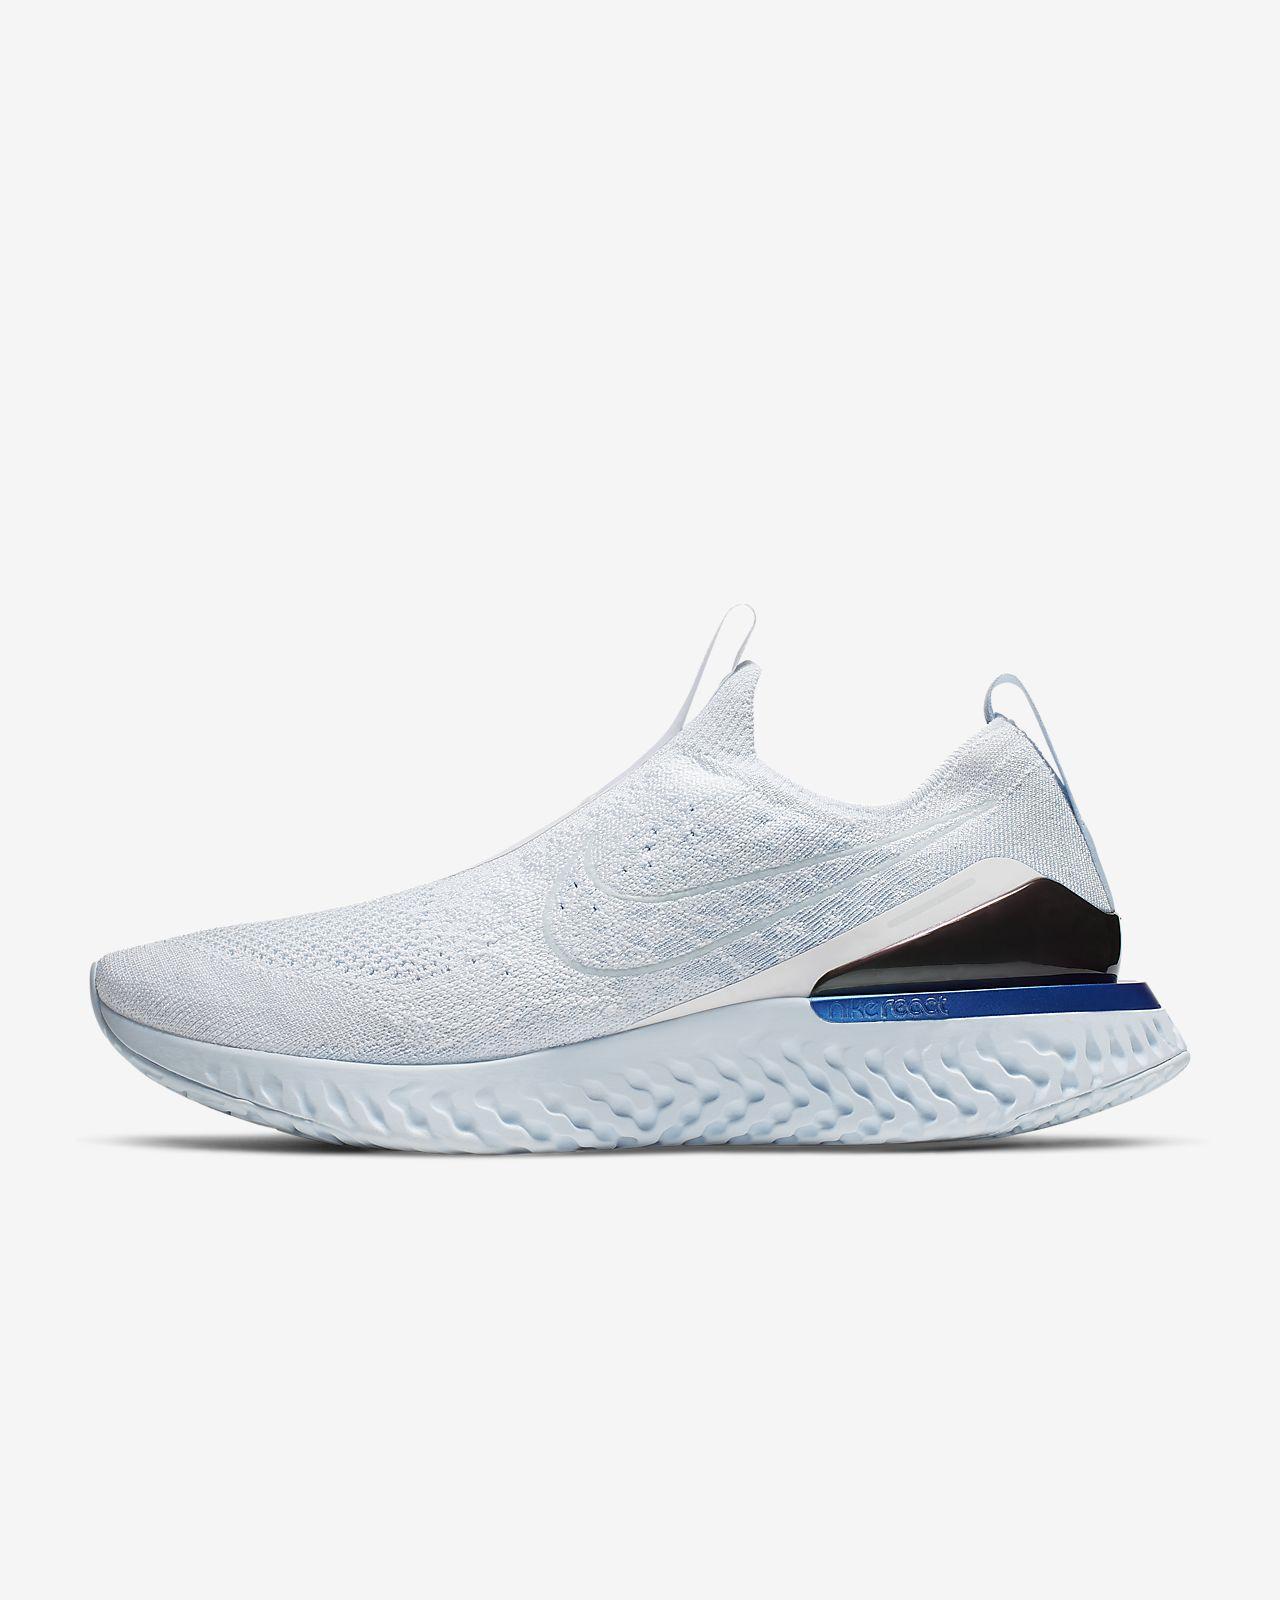 Ανδρικό παπούτσι για τρέξιμο Nike Epic Phantom React Flyknit